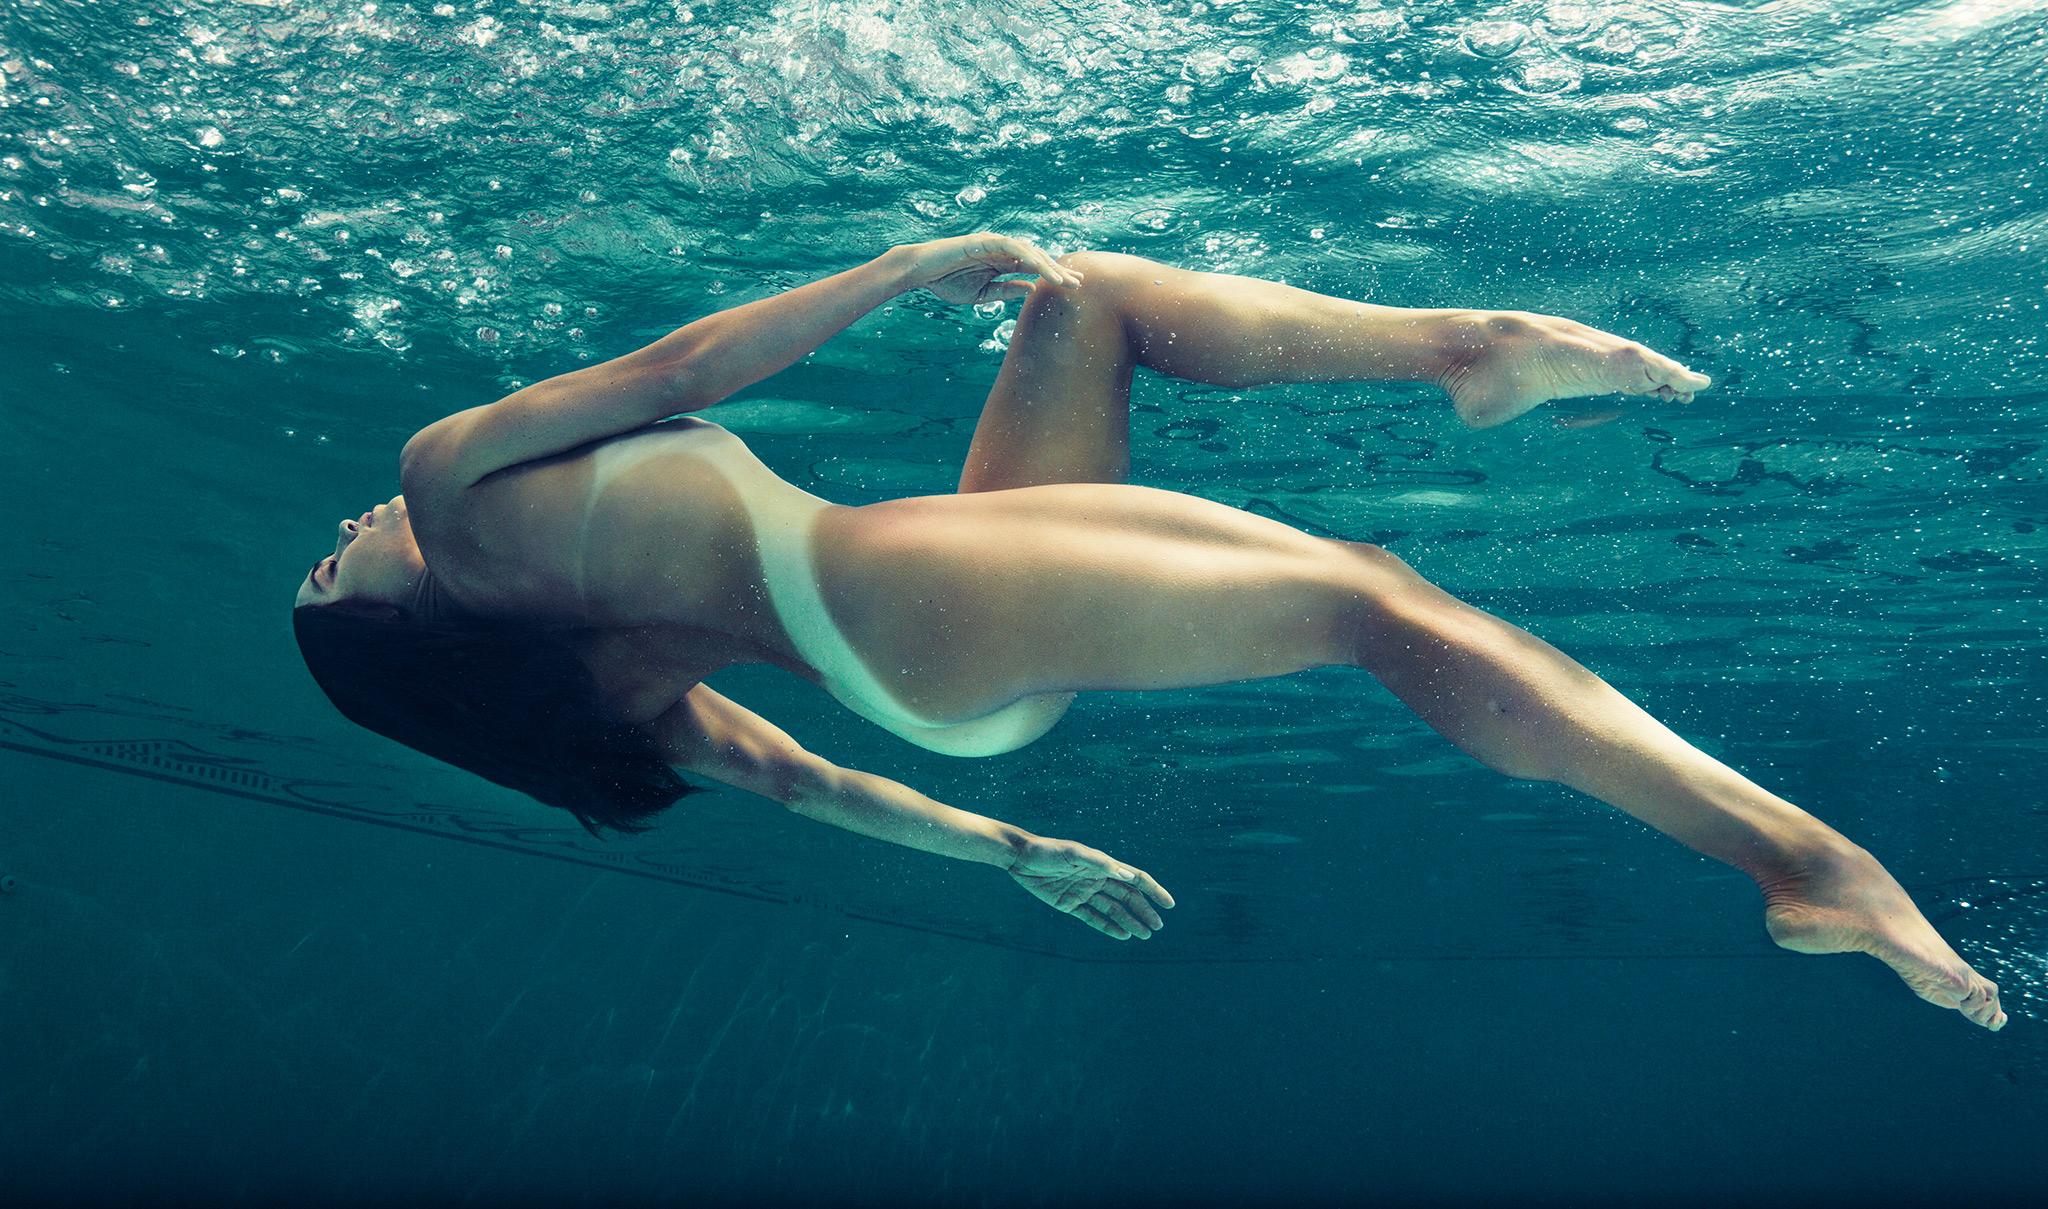 La sensualidad de la nadadora Natalie Coughlin desnuda